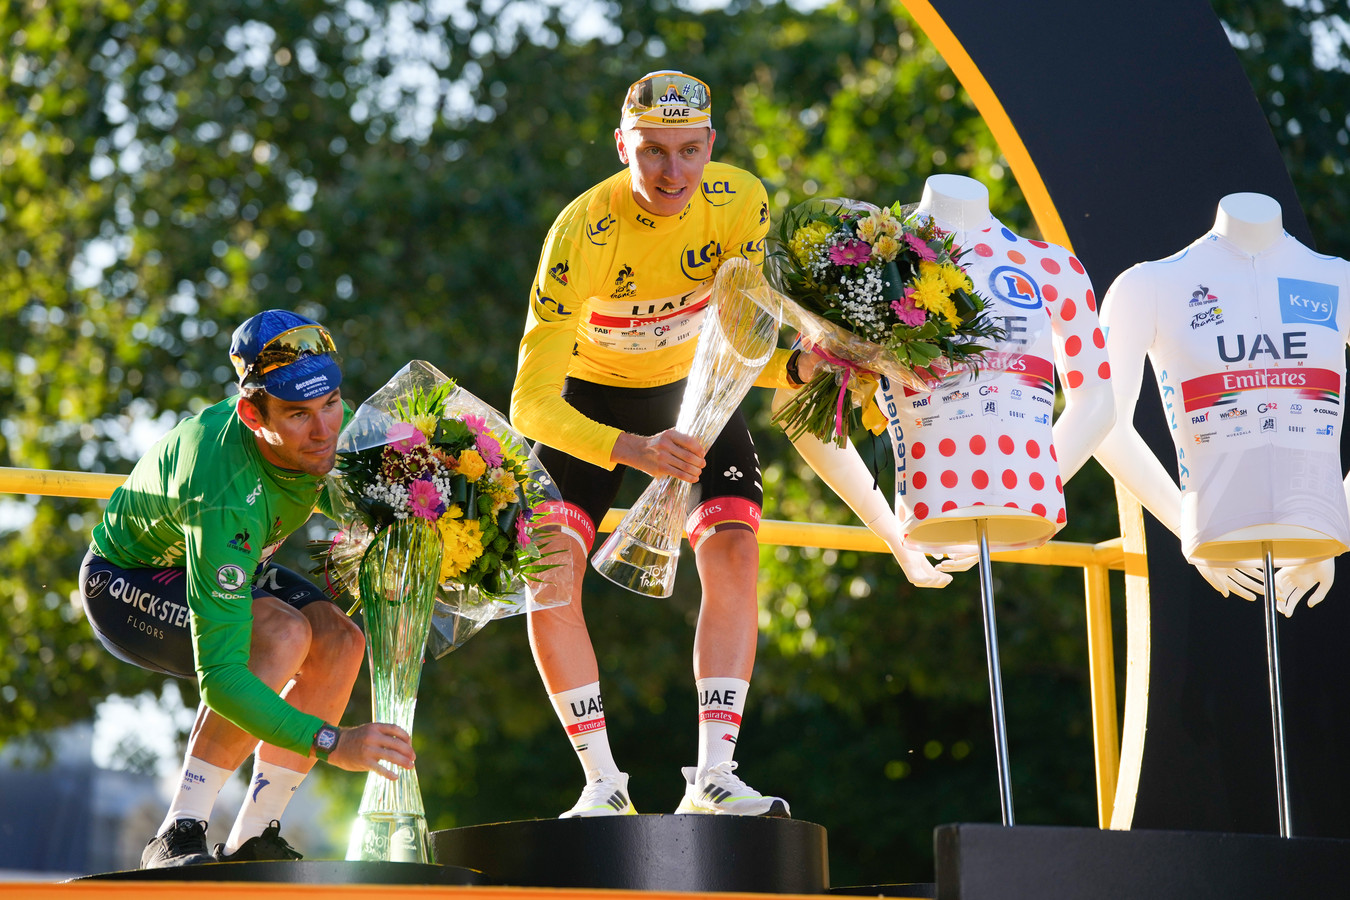 Tadej Pogacar won in de afgelopen Tour niet alleen de gele trui, maar ook de bolletjestrui en witte trui.